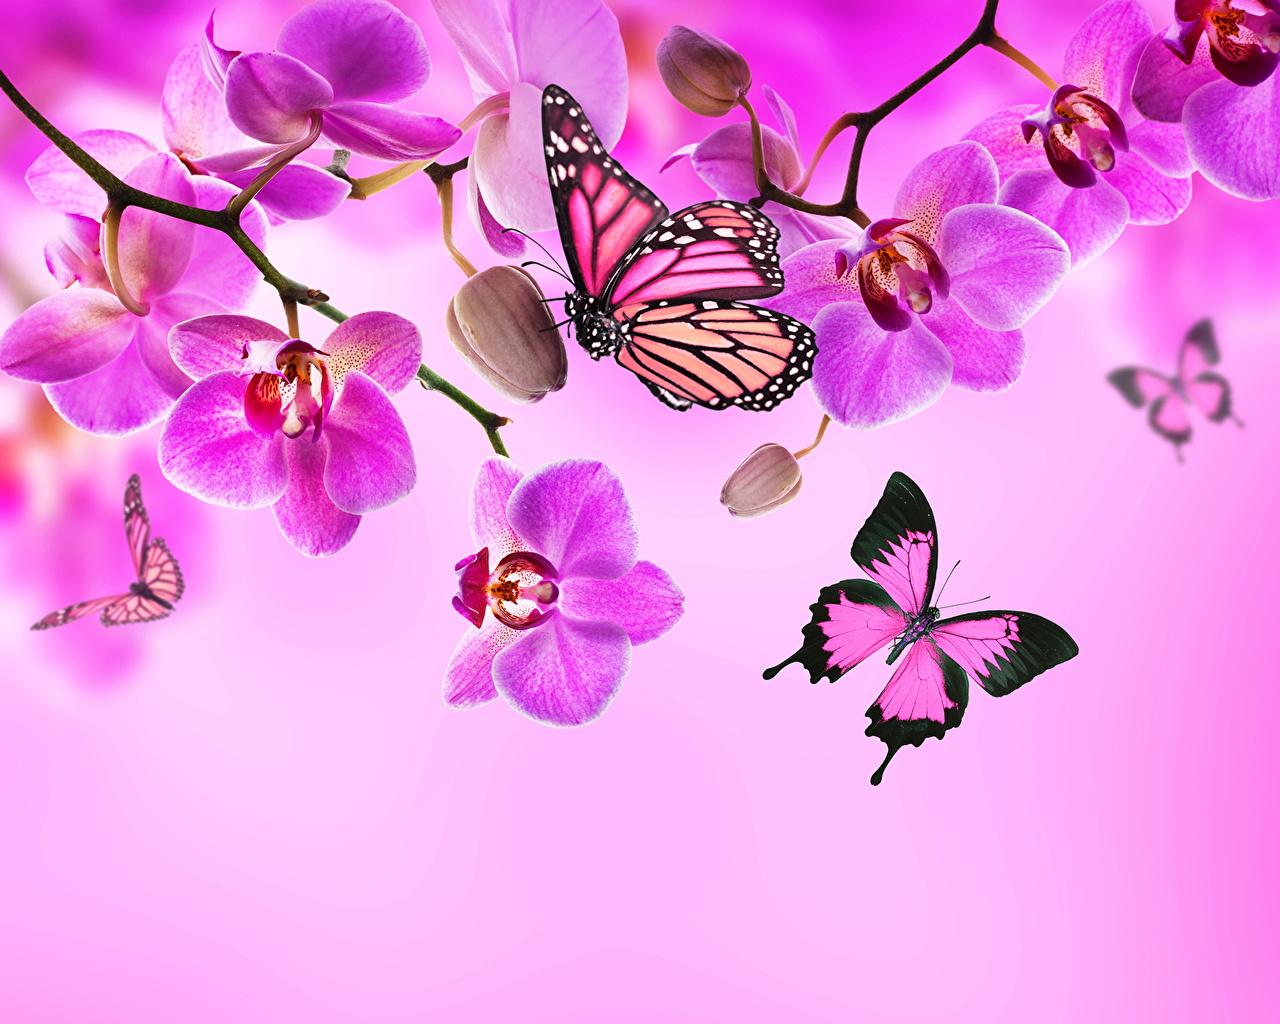 Фотография Бабочки Насекомые Орхидеи Фиолетовый Цветы Животные бабочка насекомое орхидея фиолетовых фиолетовая фиолетовые цветок животное